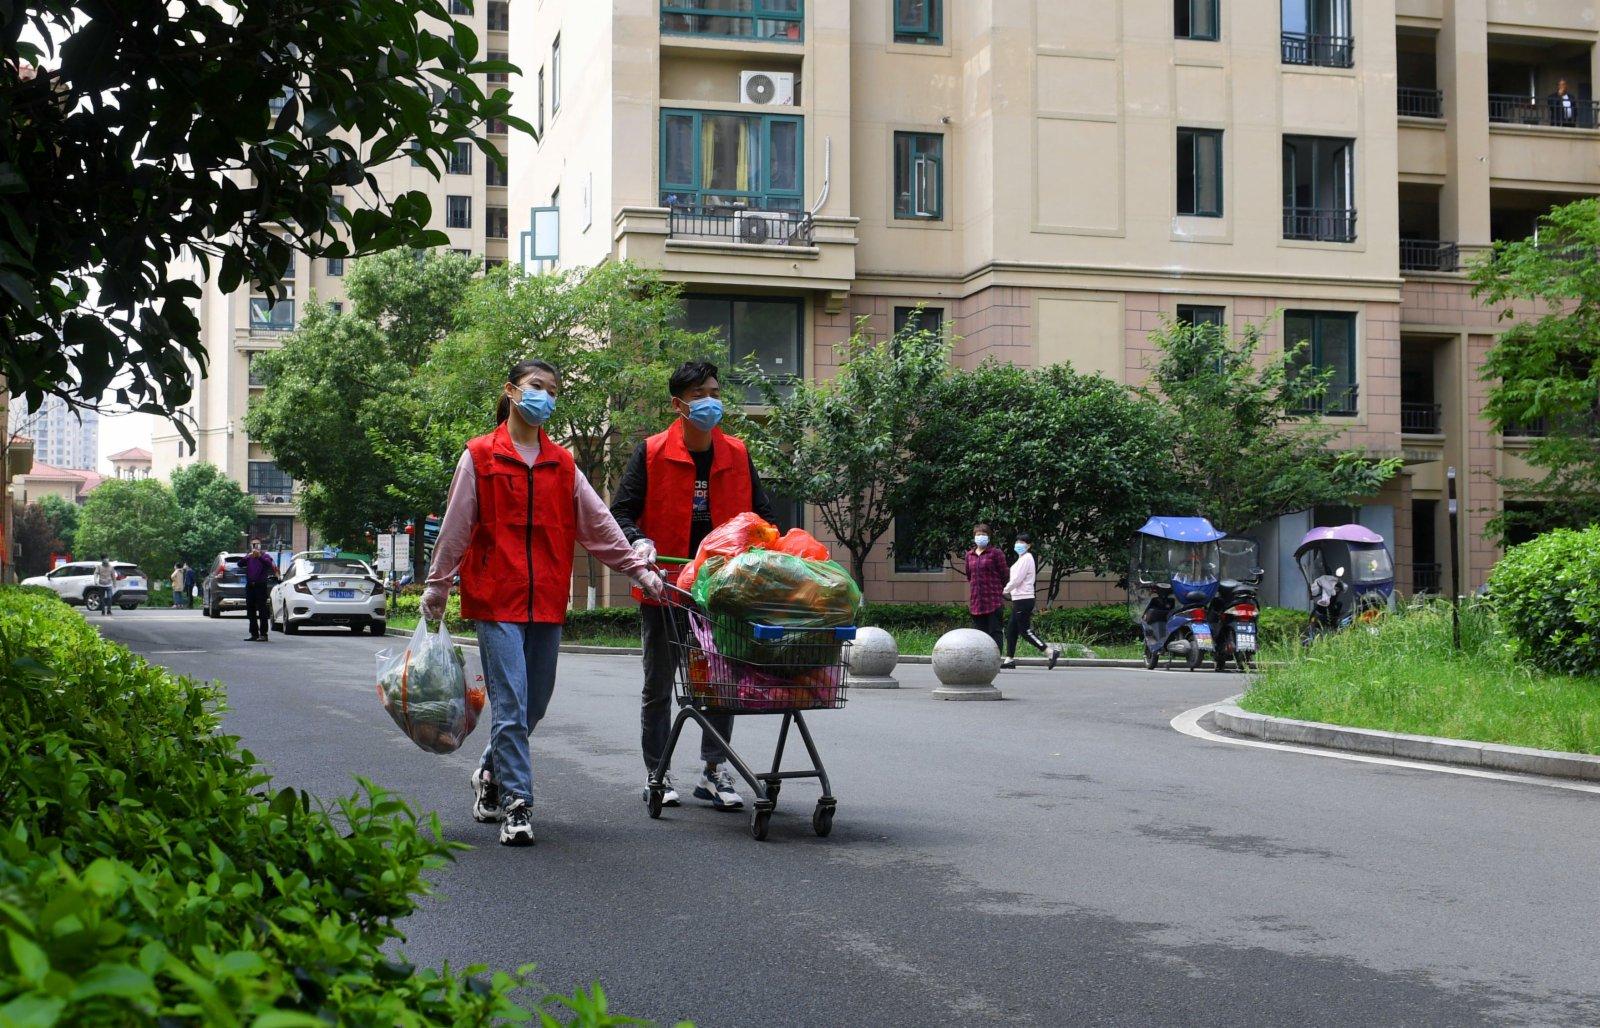 5月17日,兩名志願者為居住在封閉樓棟裡的居民運送生活用品。(新華社)